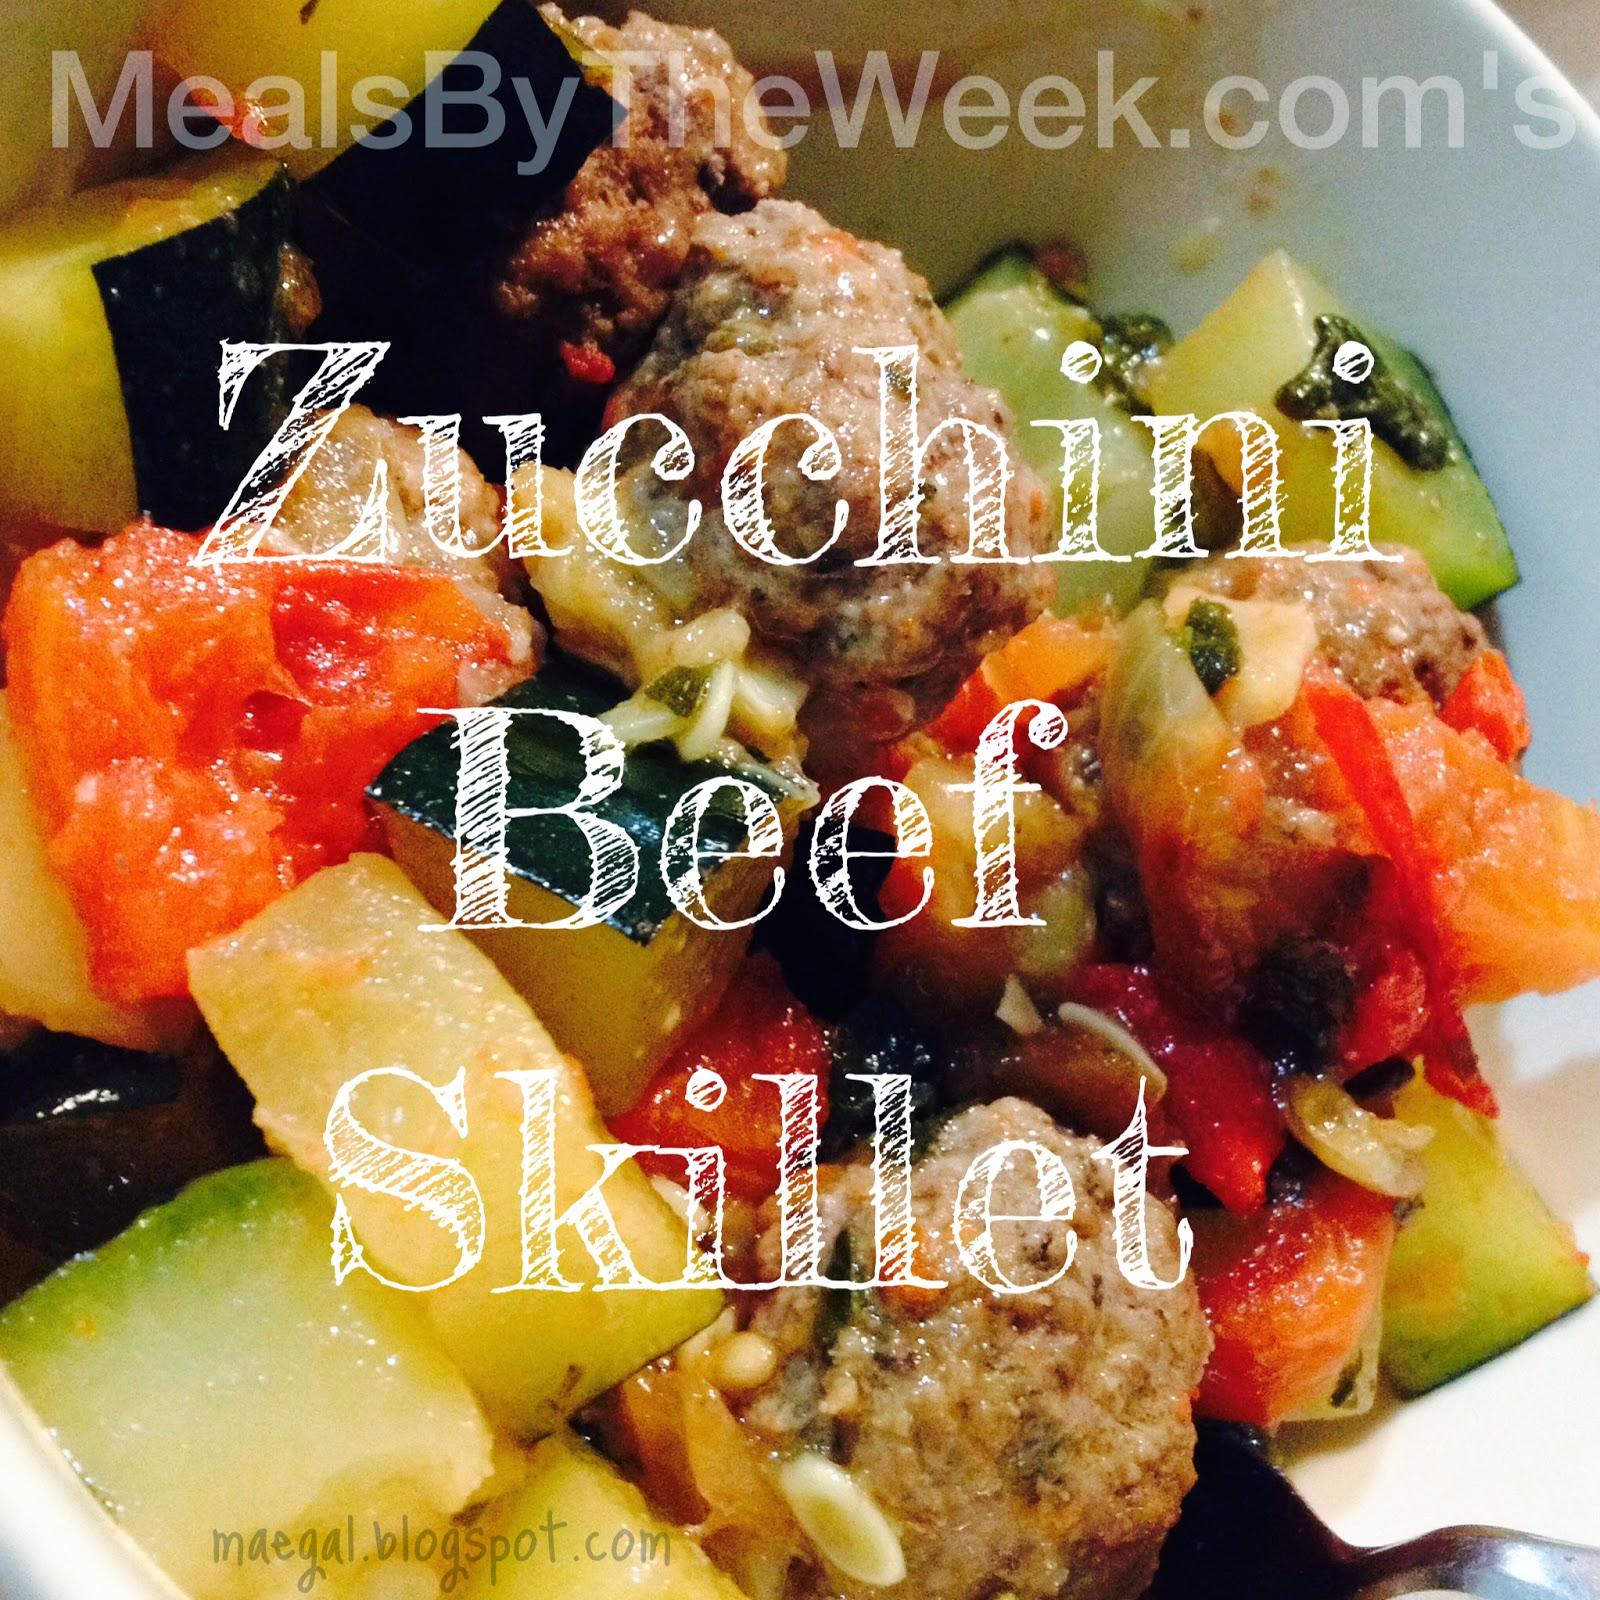 MBTW Zucchini Beef Skillet